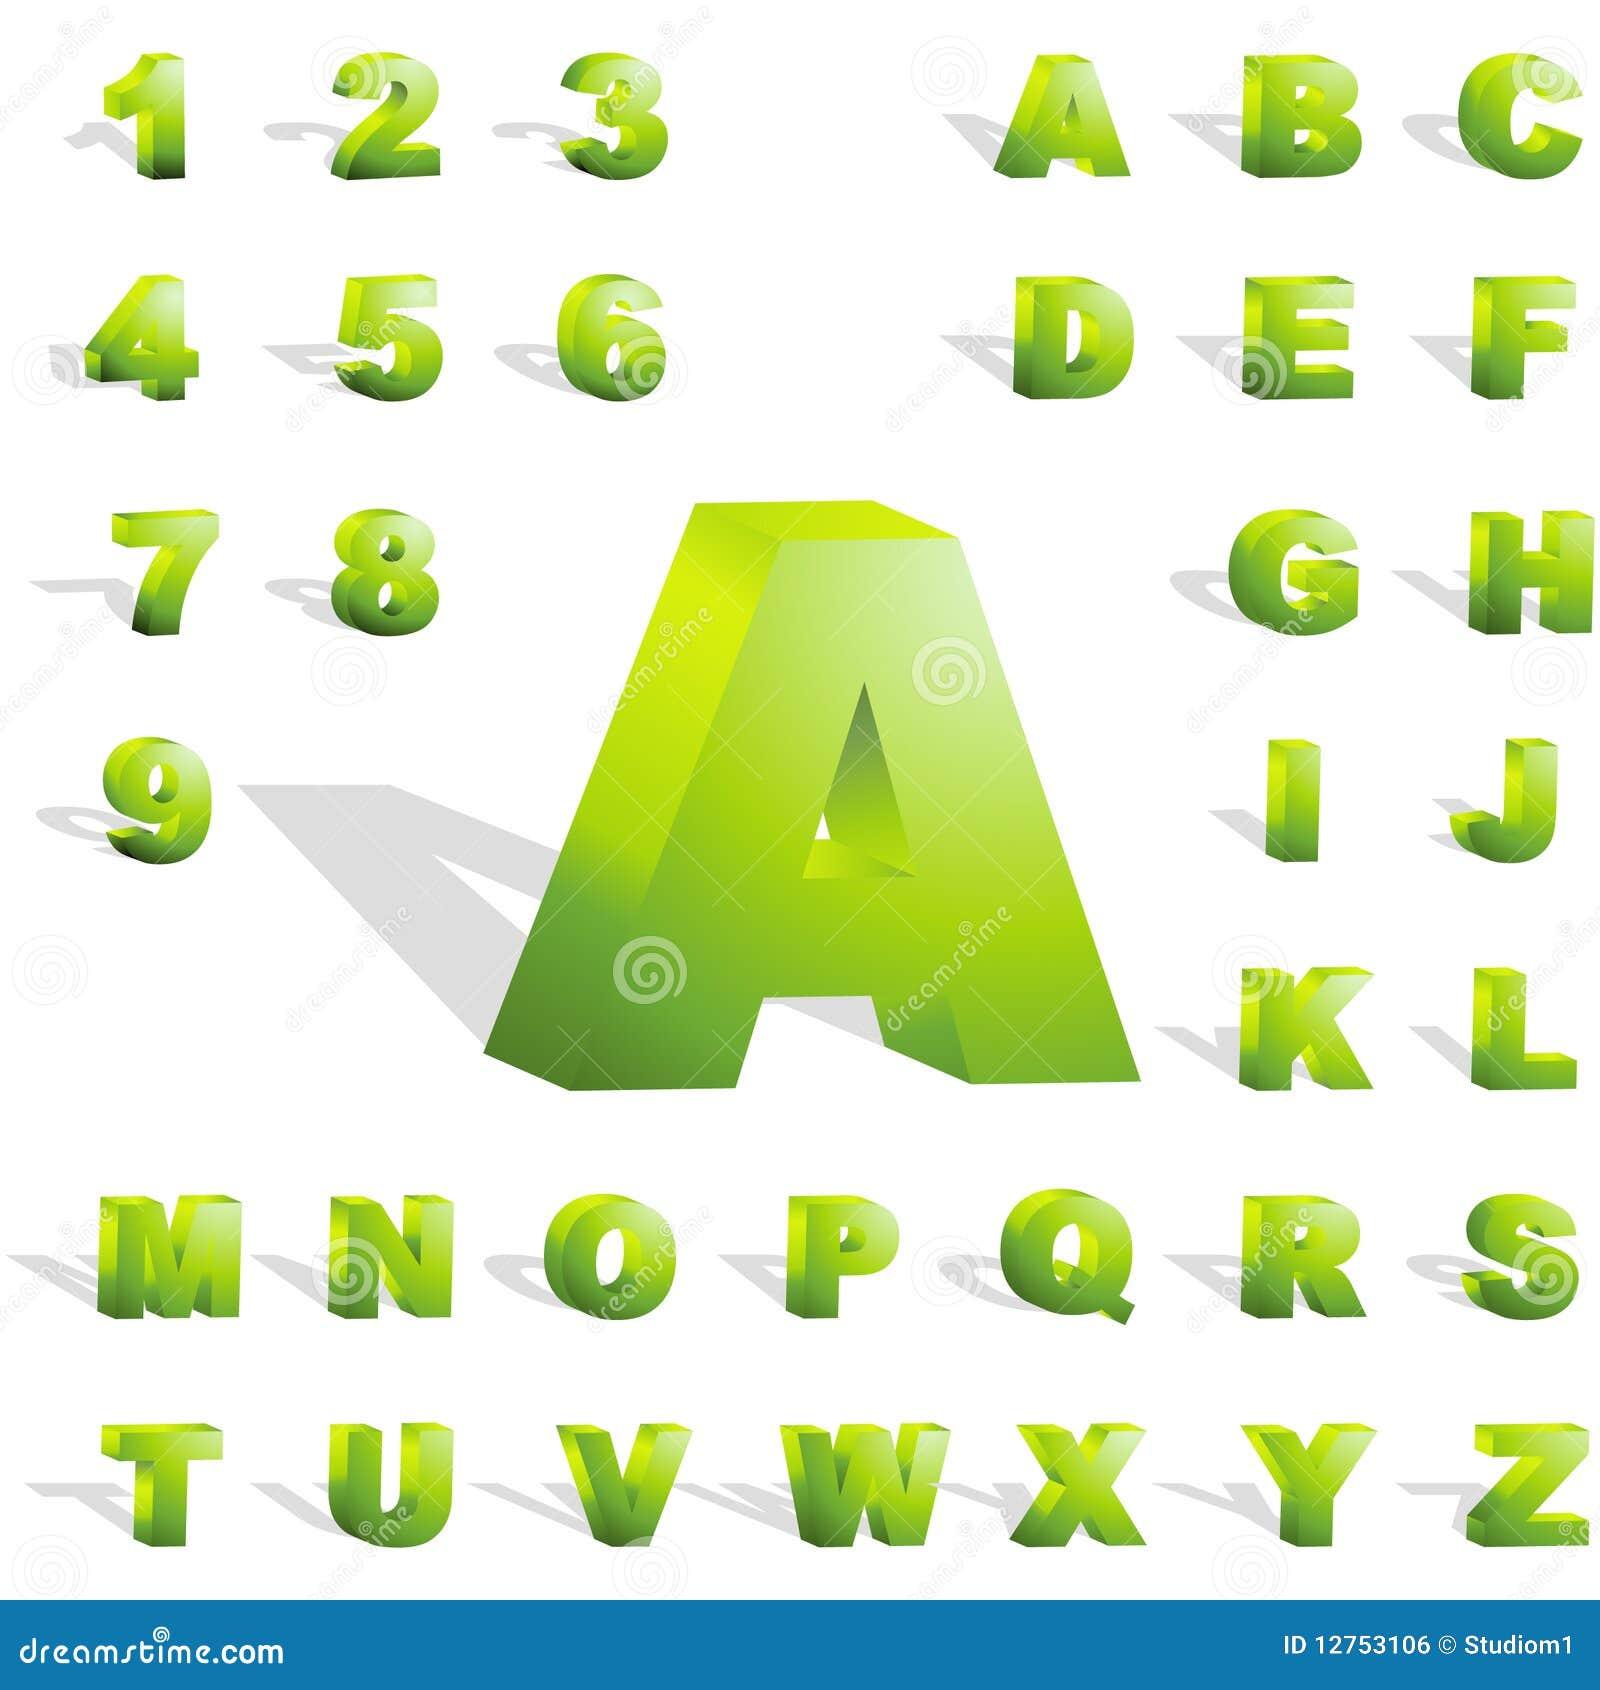 3d alphabet.